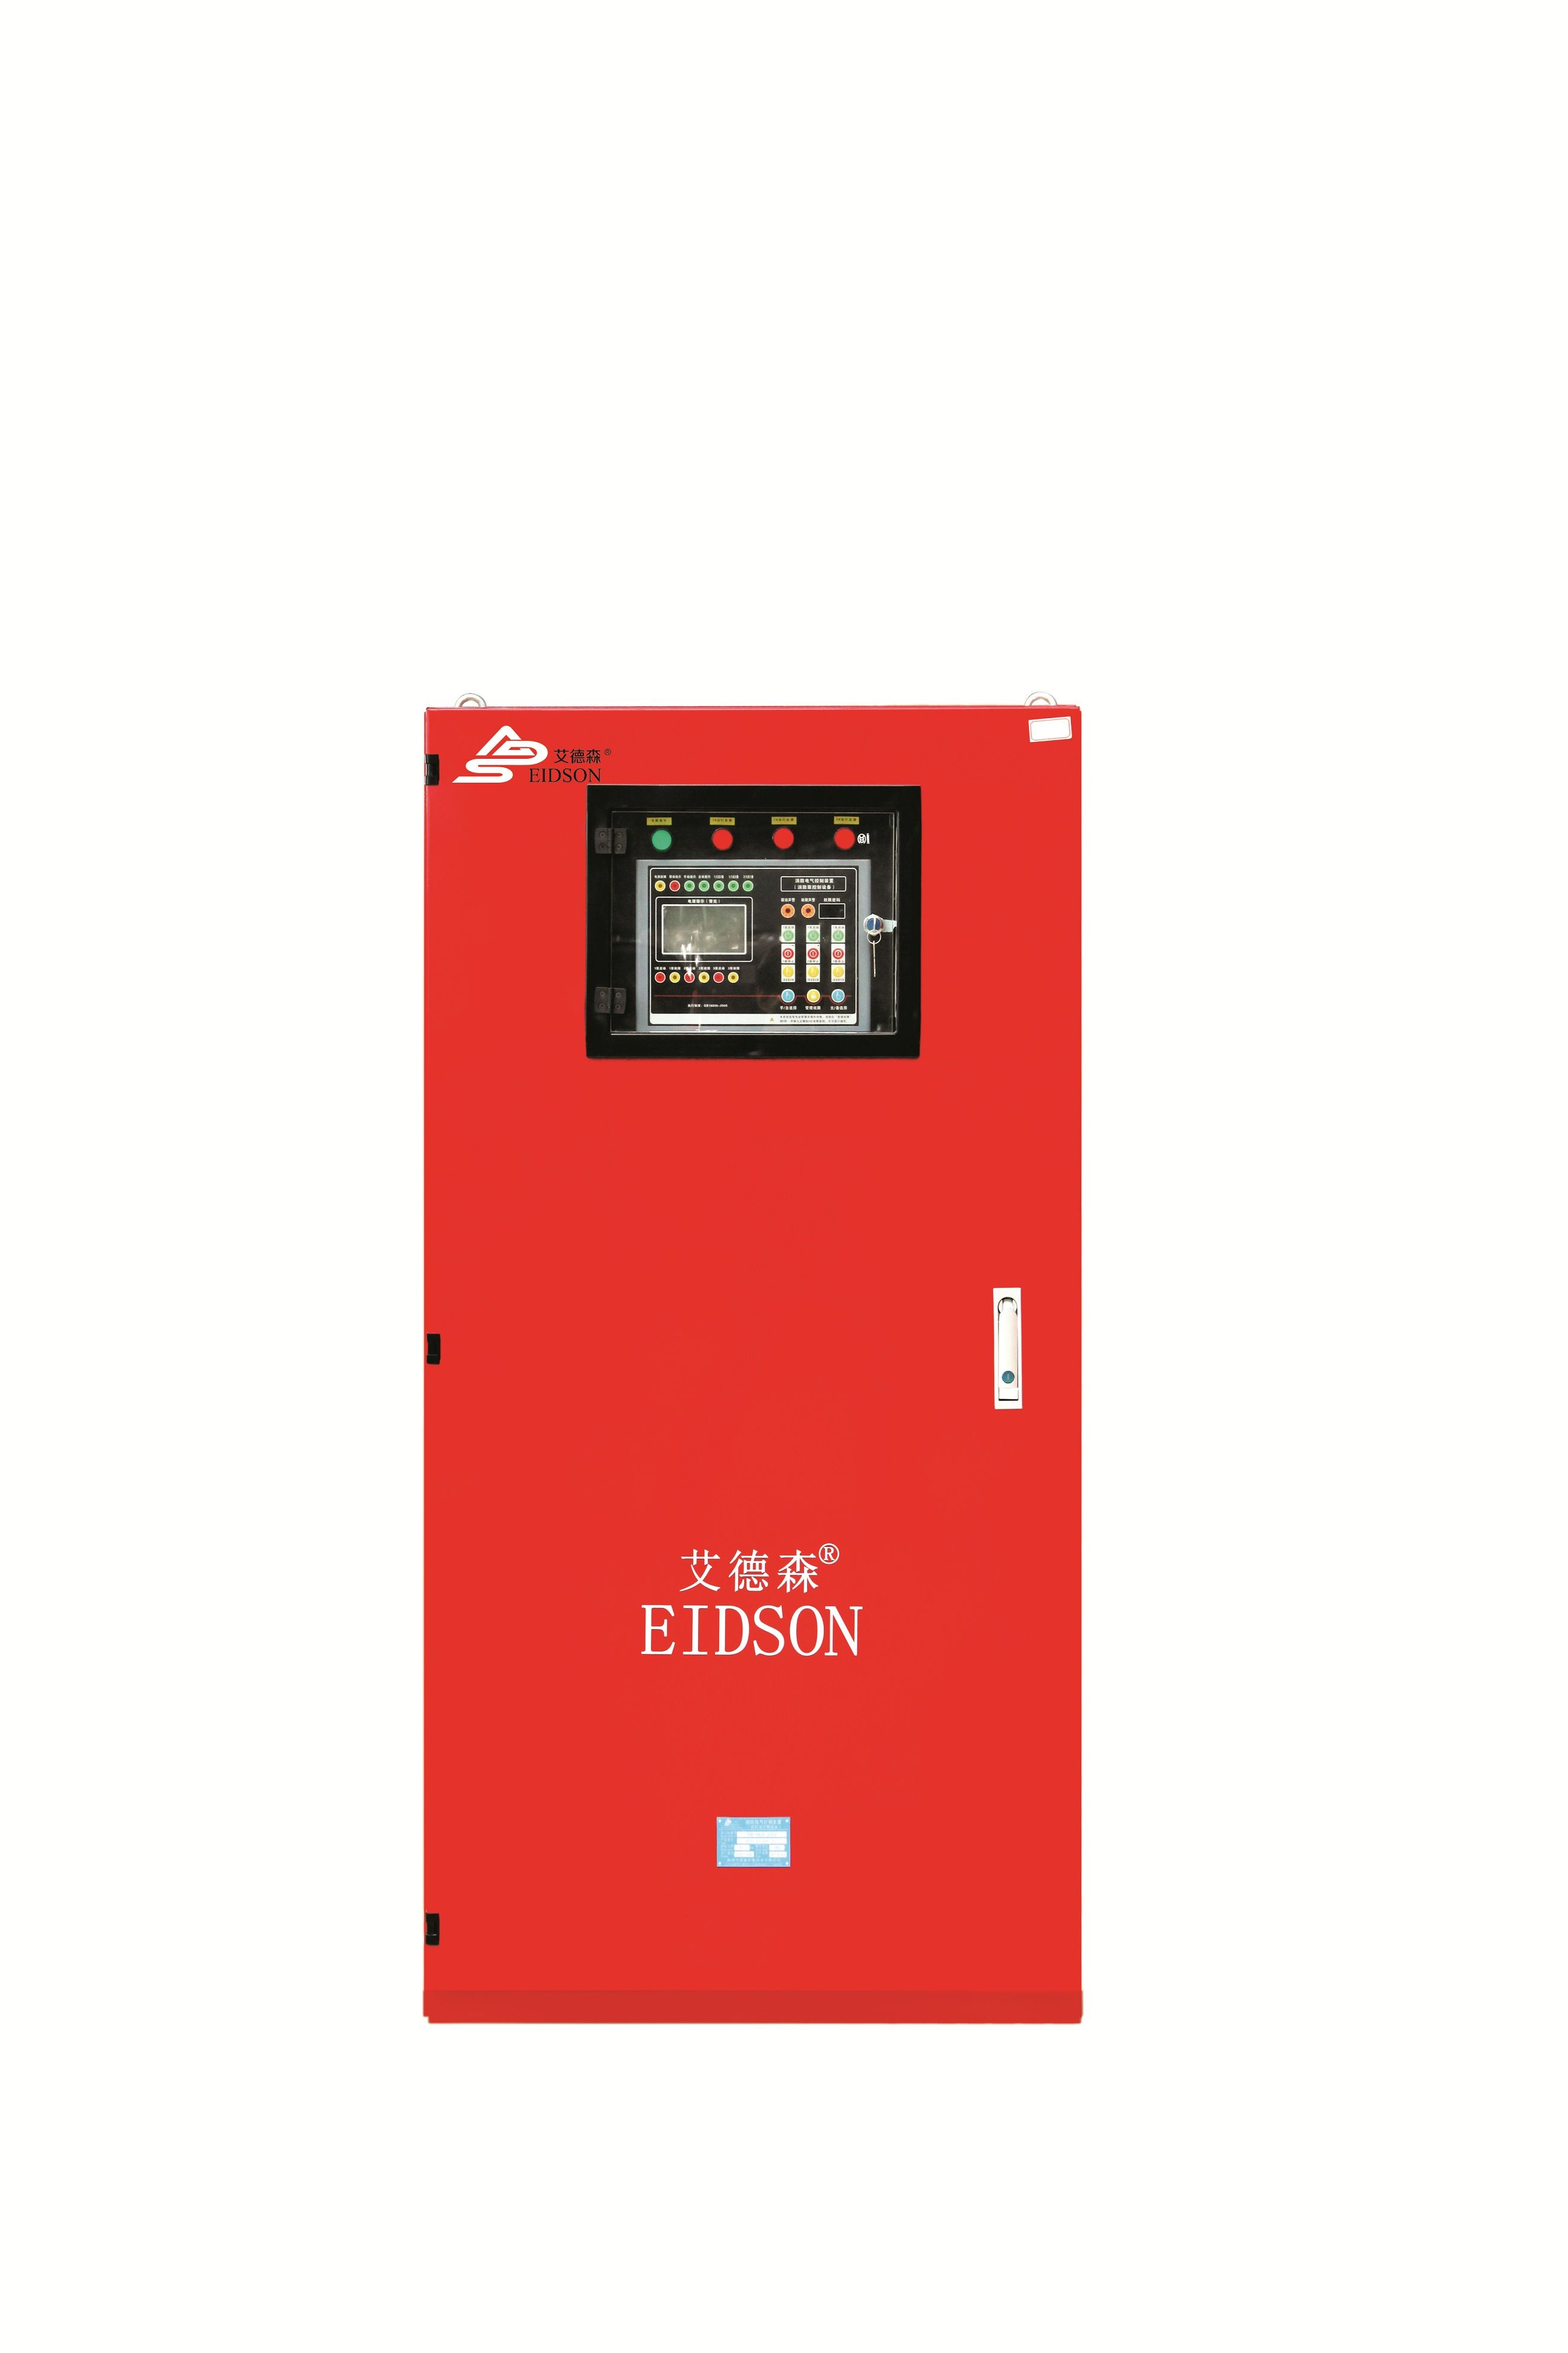 數字智能消防巡檢控制柜廠家供應